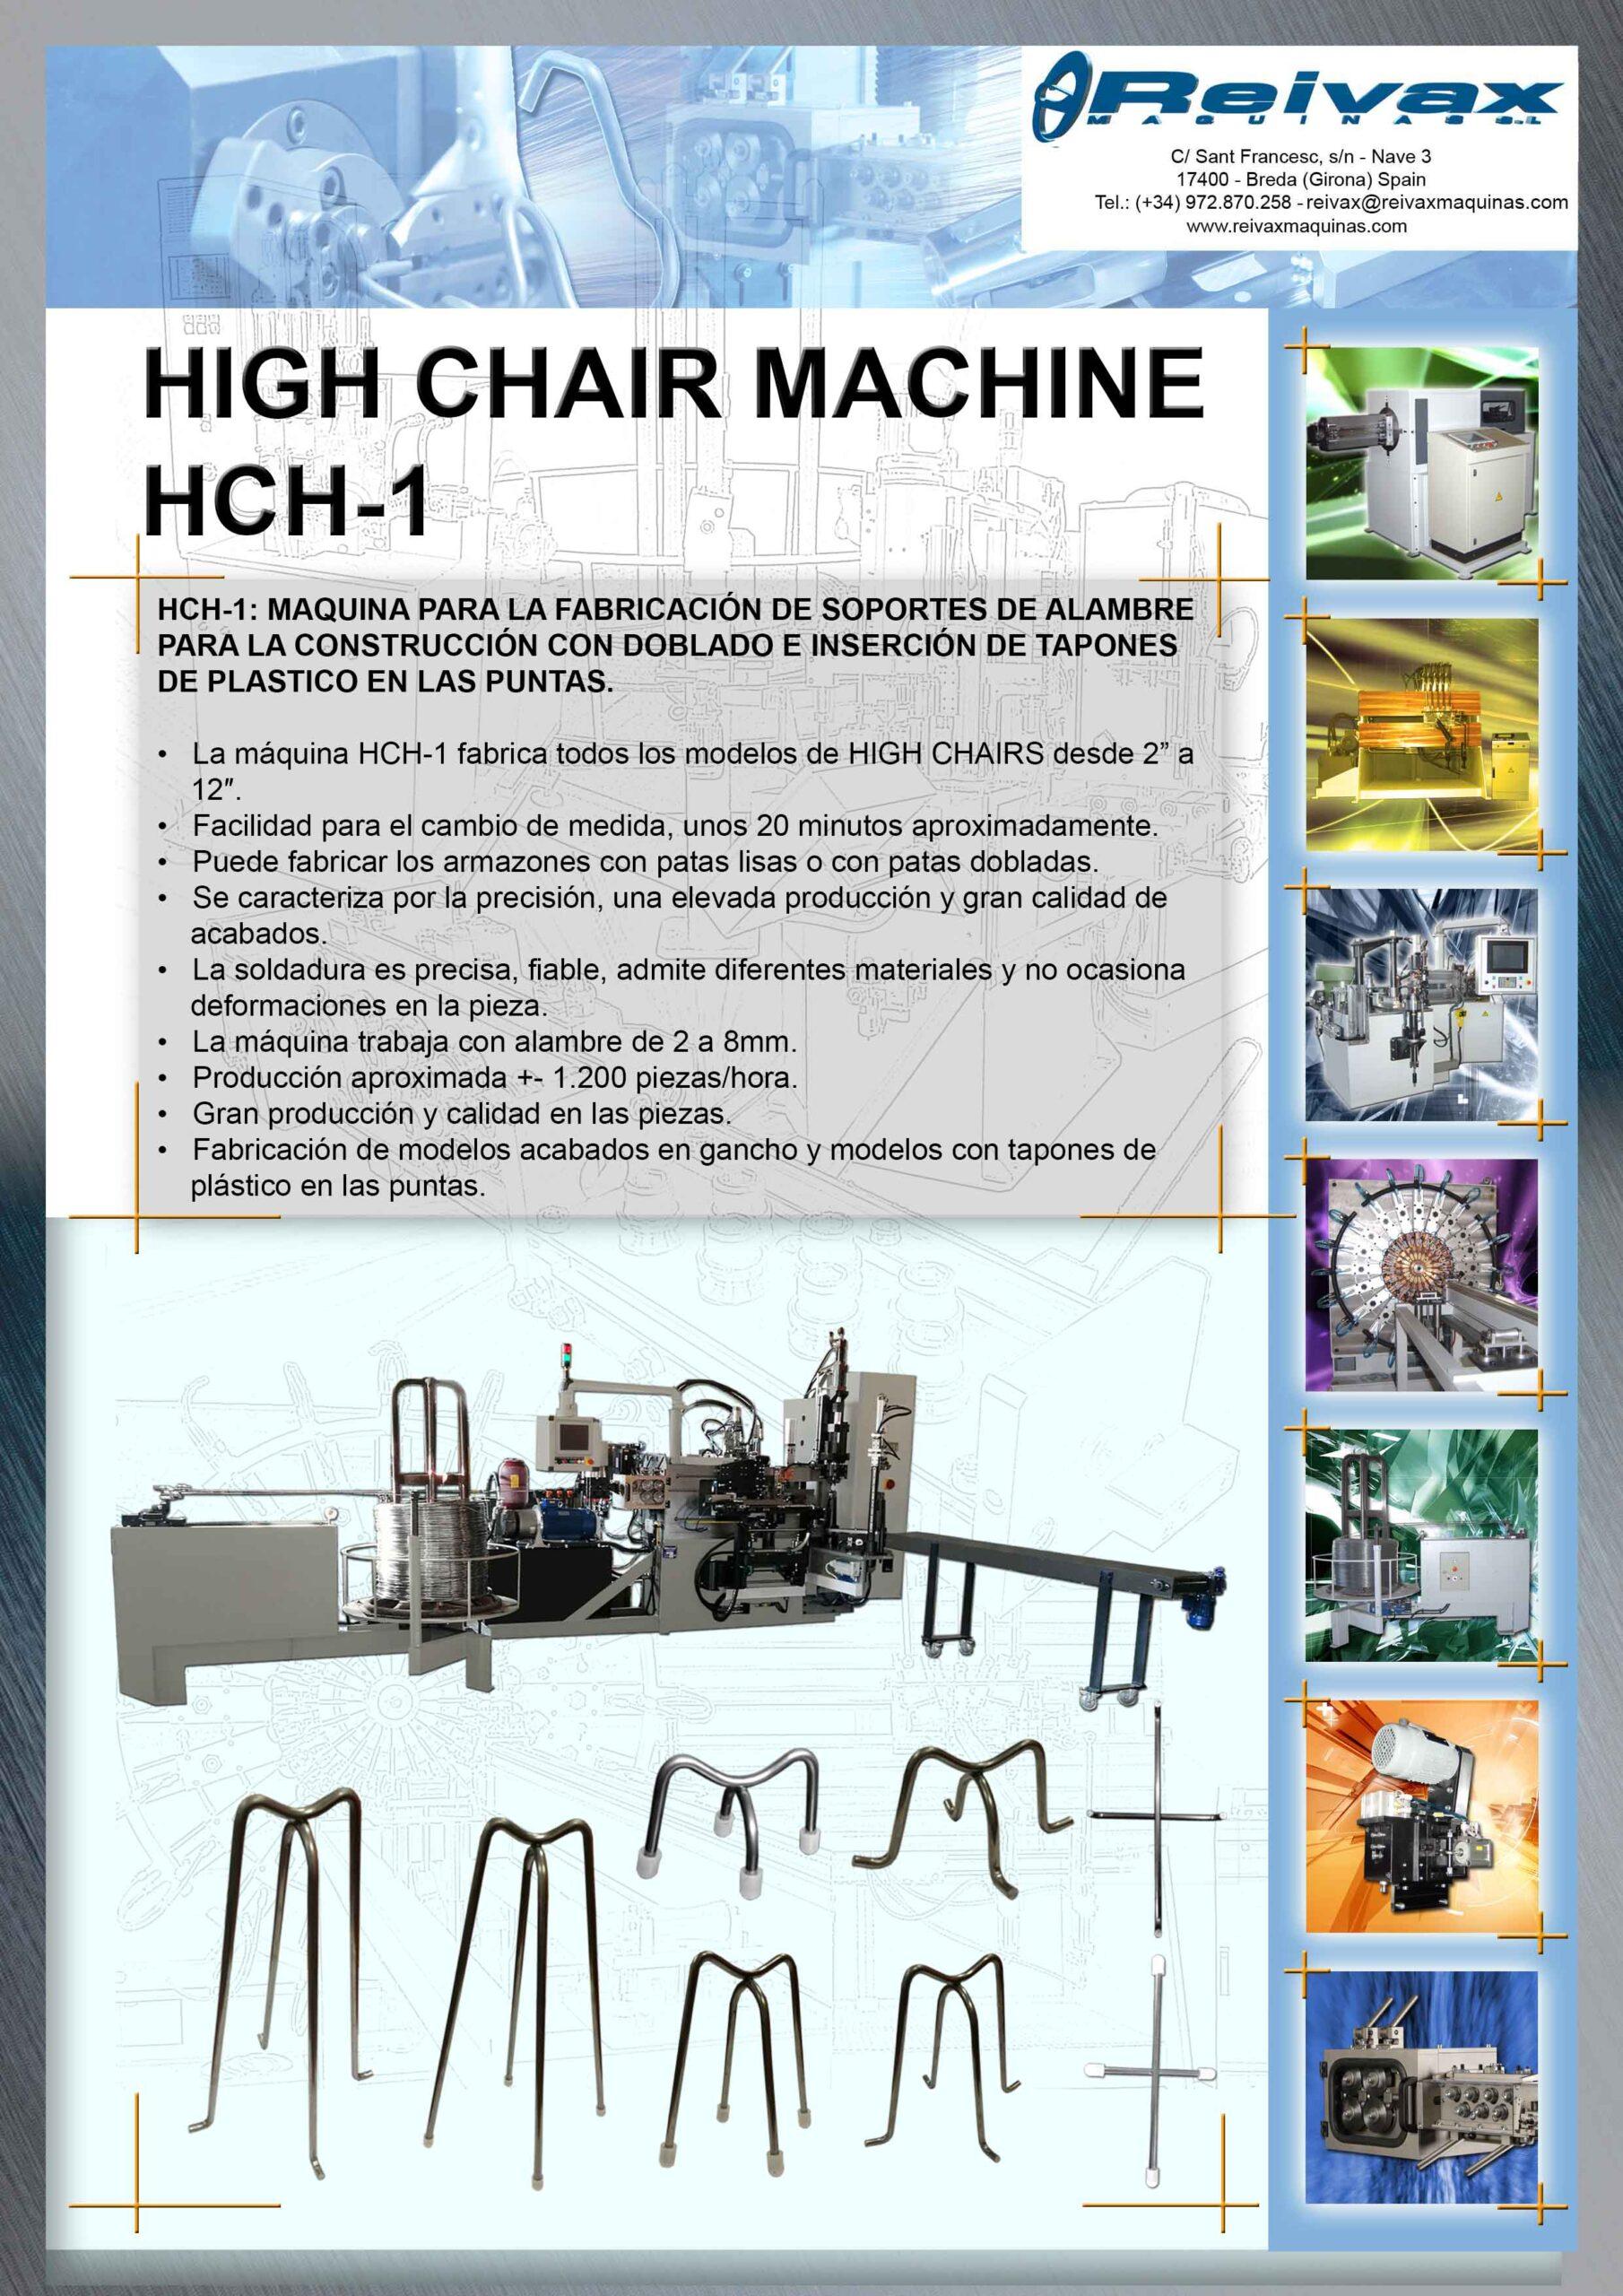 Reivax Maquinas, SL: Máquina para la fabricación de HIGH CHAIRS - Ref.: HCH-1